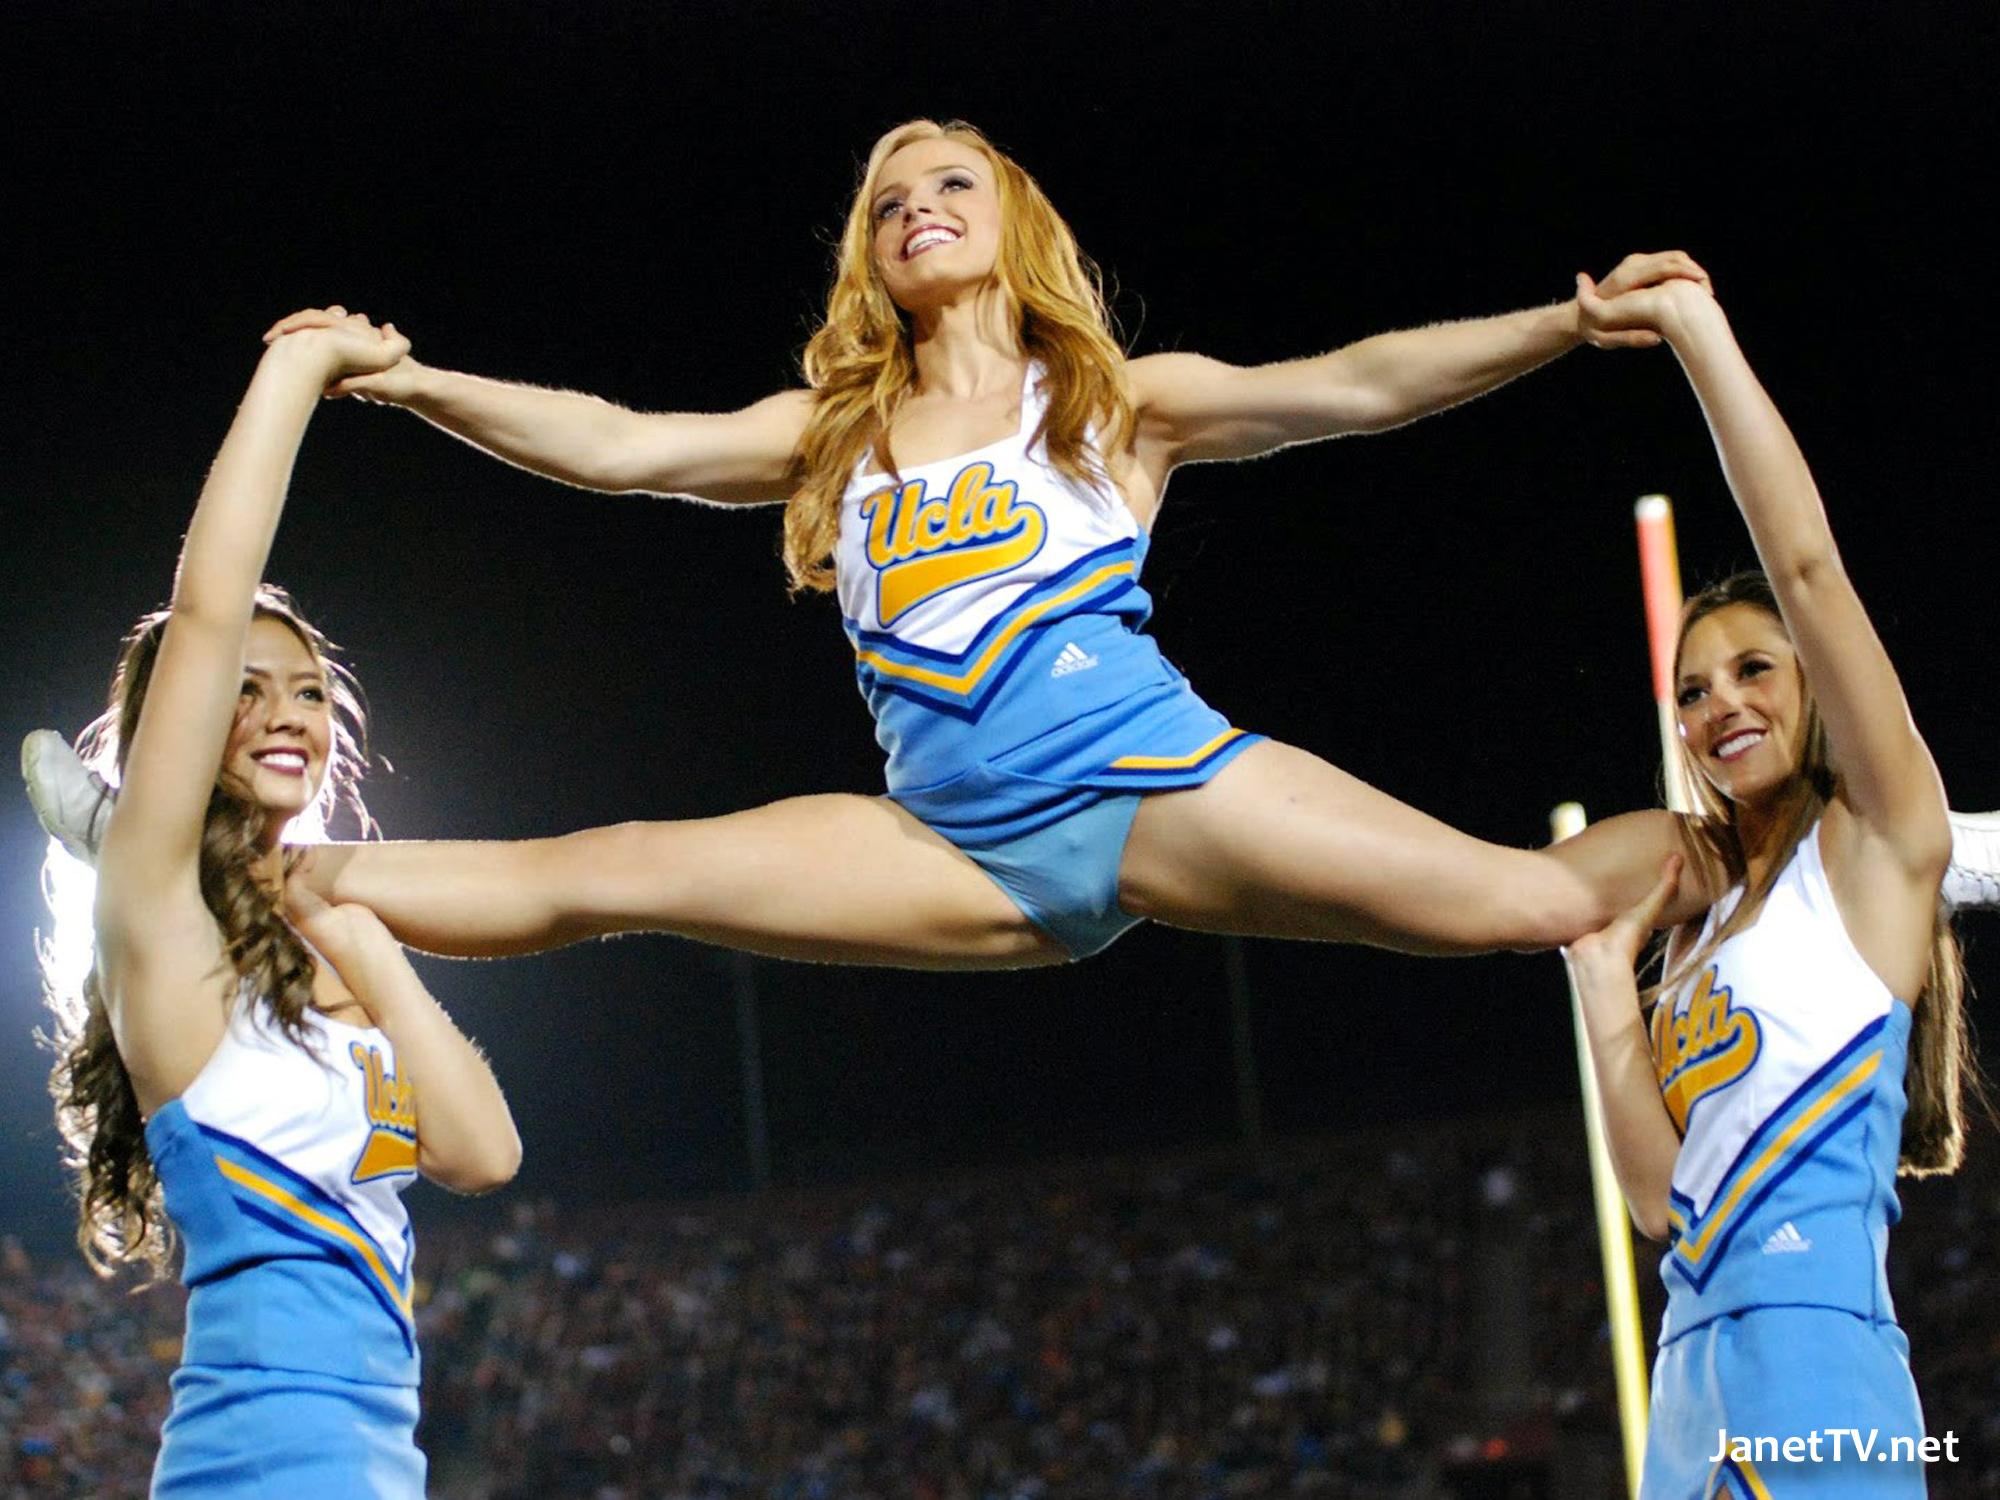 Amazing Cheerleader Pictures & Backgrounds